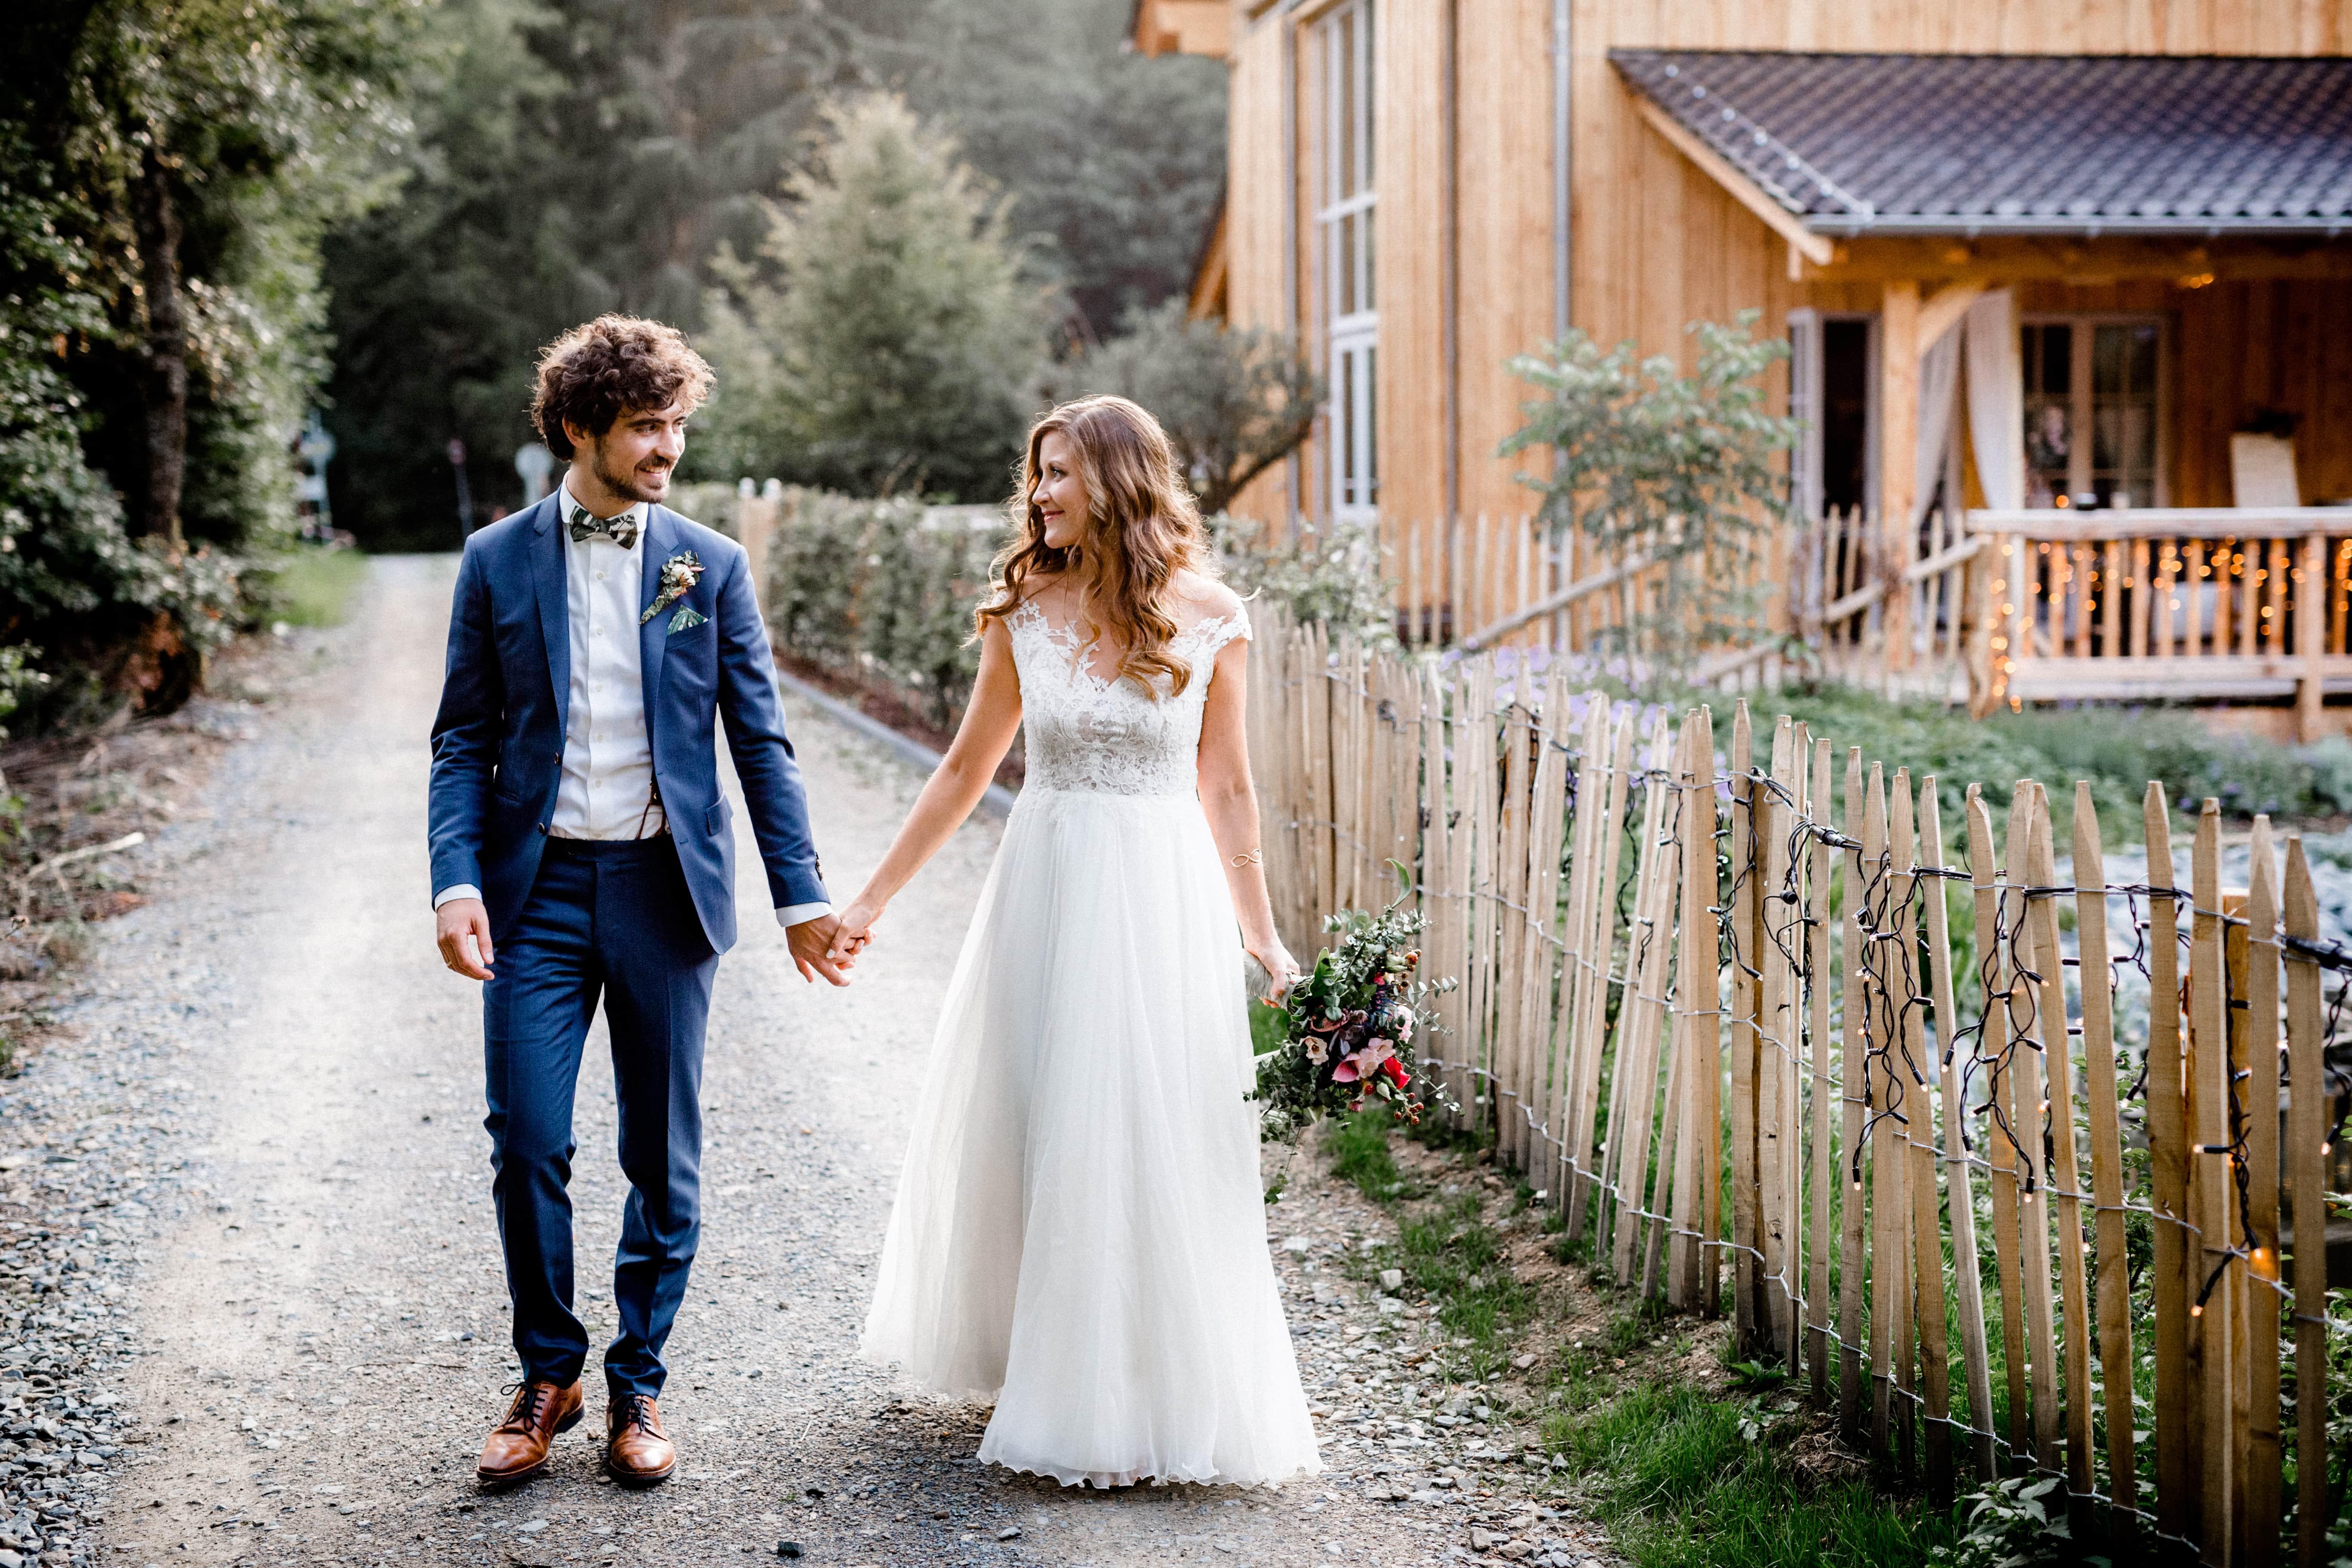 Hochzeitslocation Scheune Rossana Paul Hochzeit 8 – gesehen bei frauimmer-herrewig.de